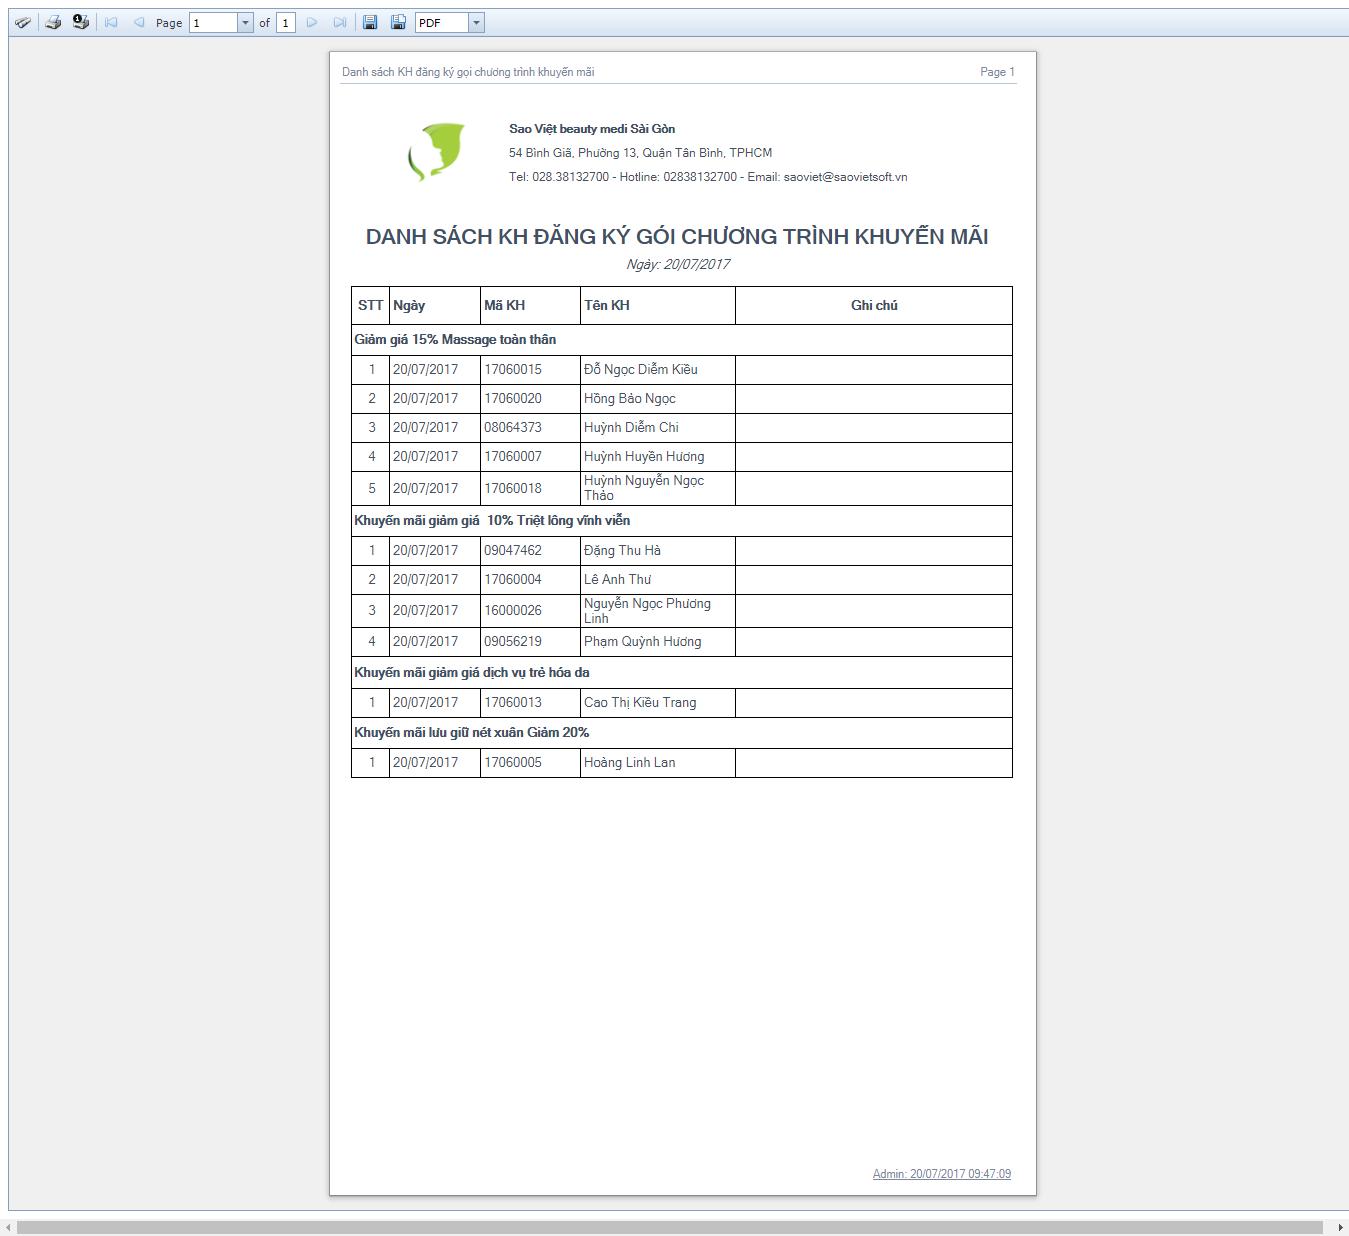 Danh sách khách hàng đăng ký gói chương trình khuyến mãi